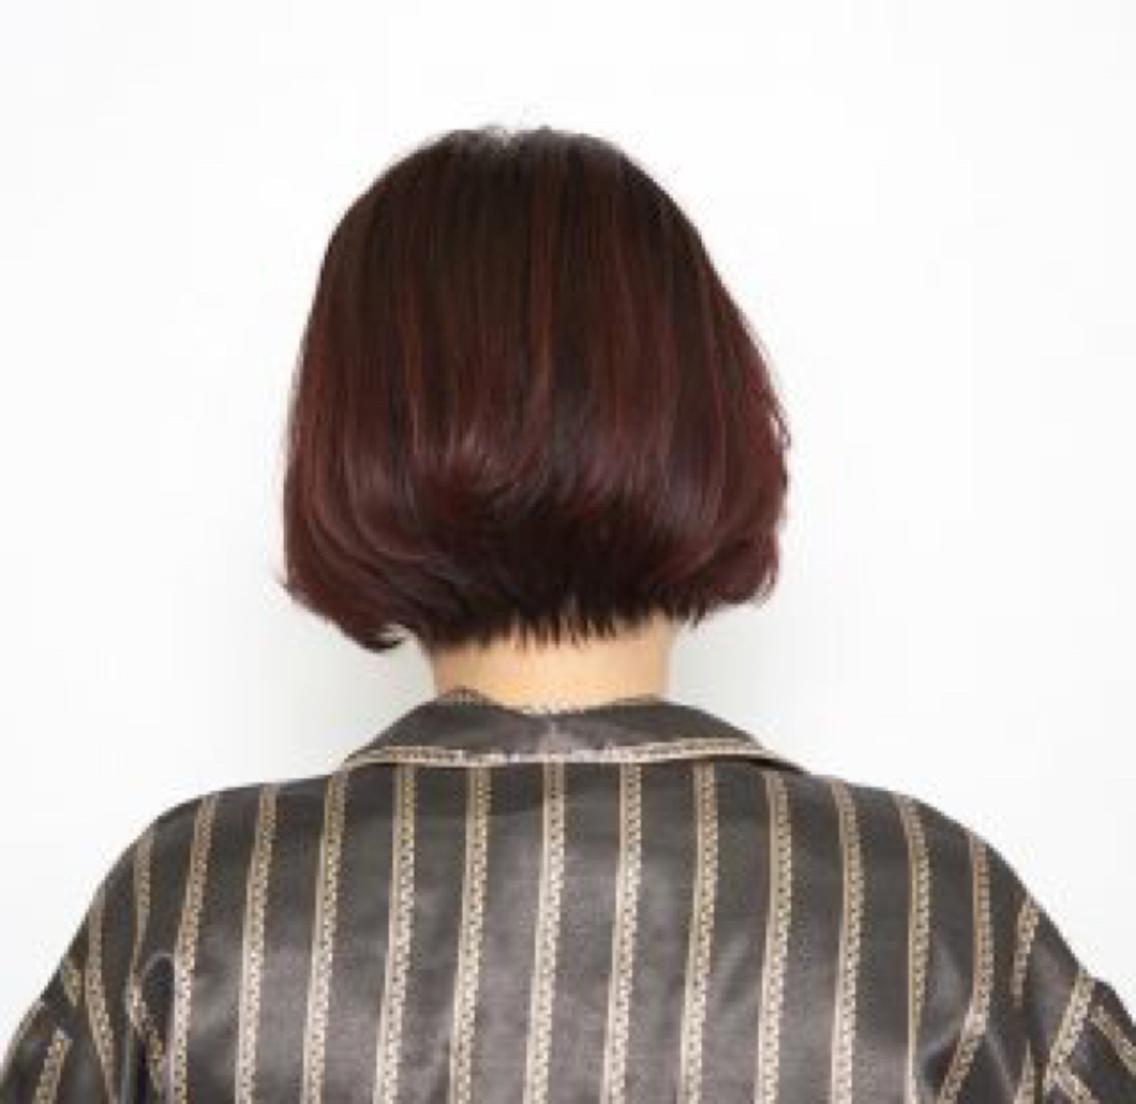 代官山 恵比寿から徒歩5分!1月縮毛モデル募集⤴️⤴️最大60%オフ❗️❗️